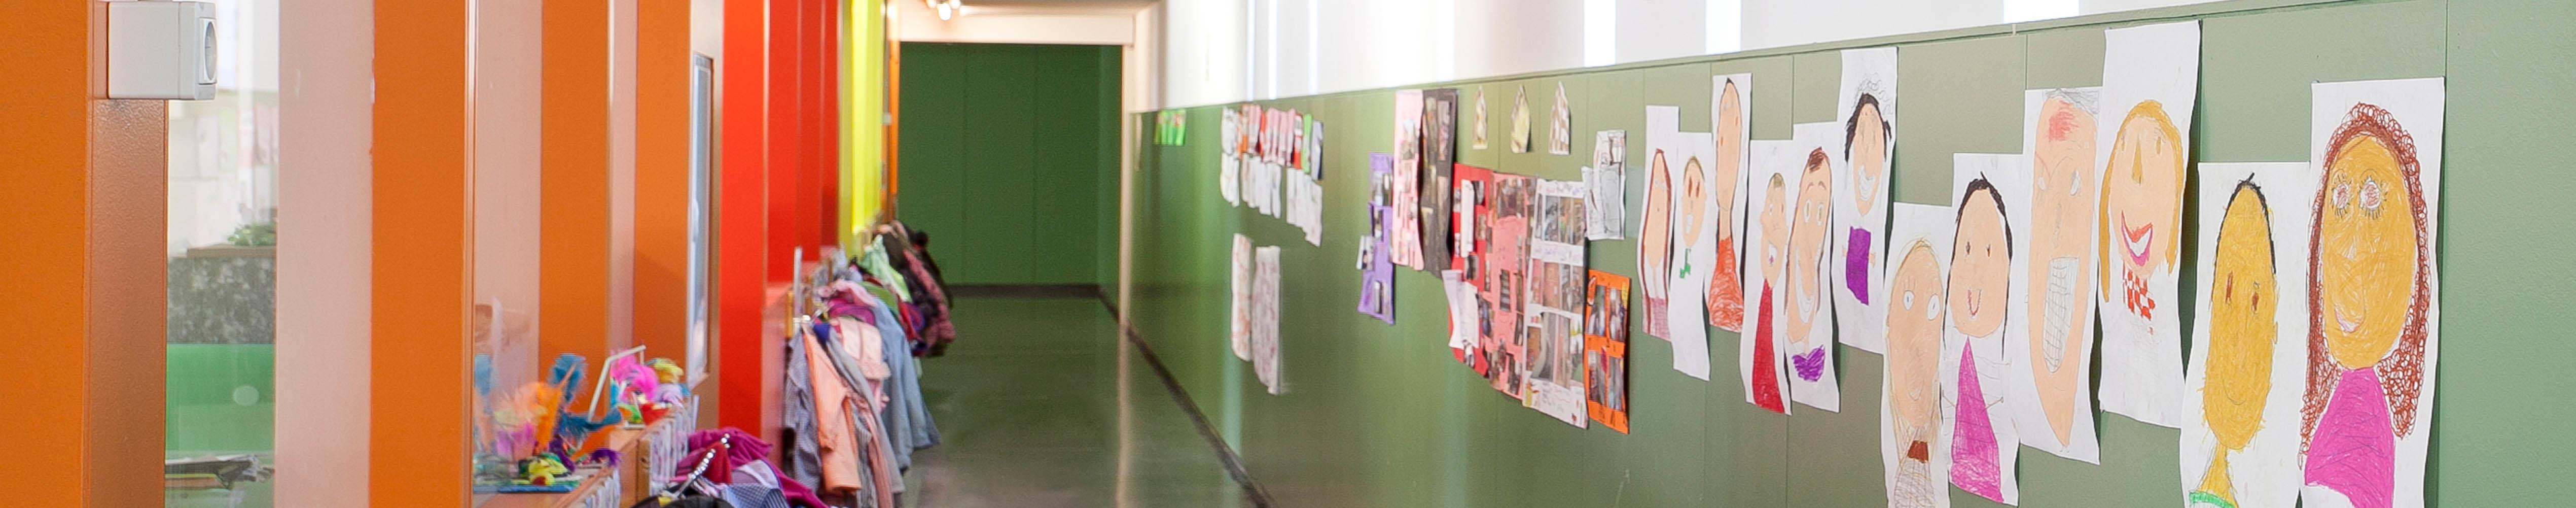 educacioinfantil escola font-rúbia